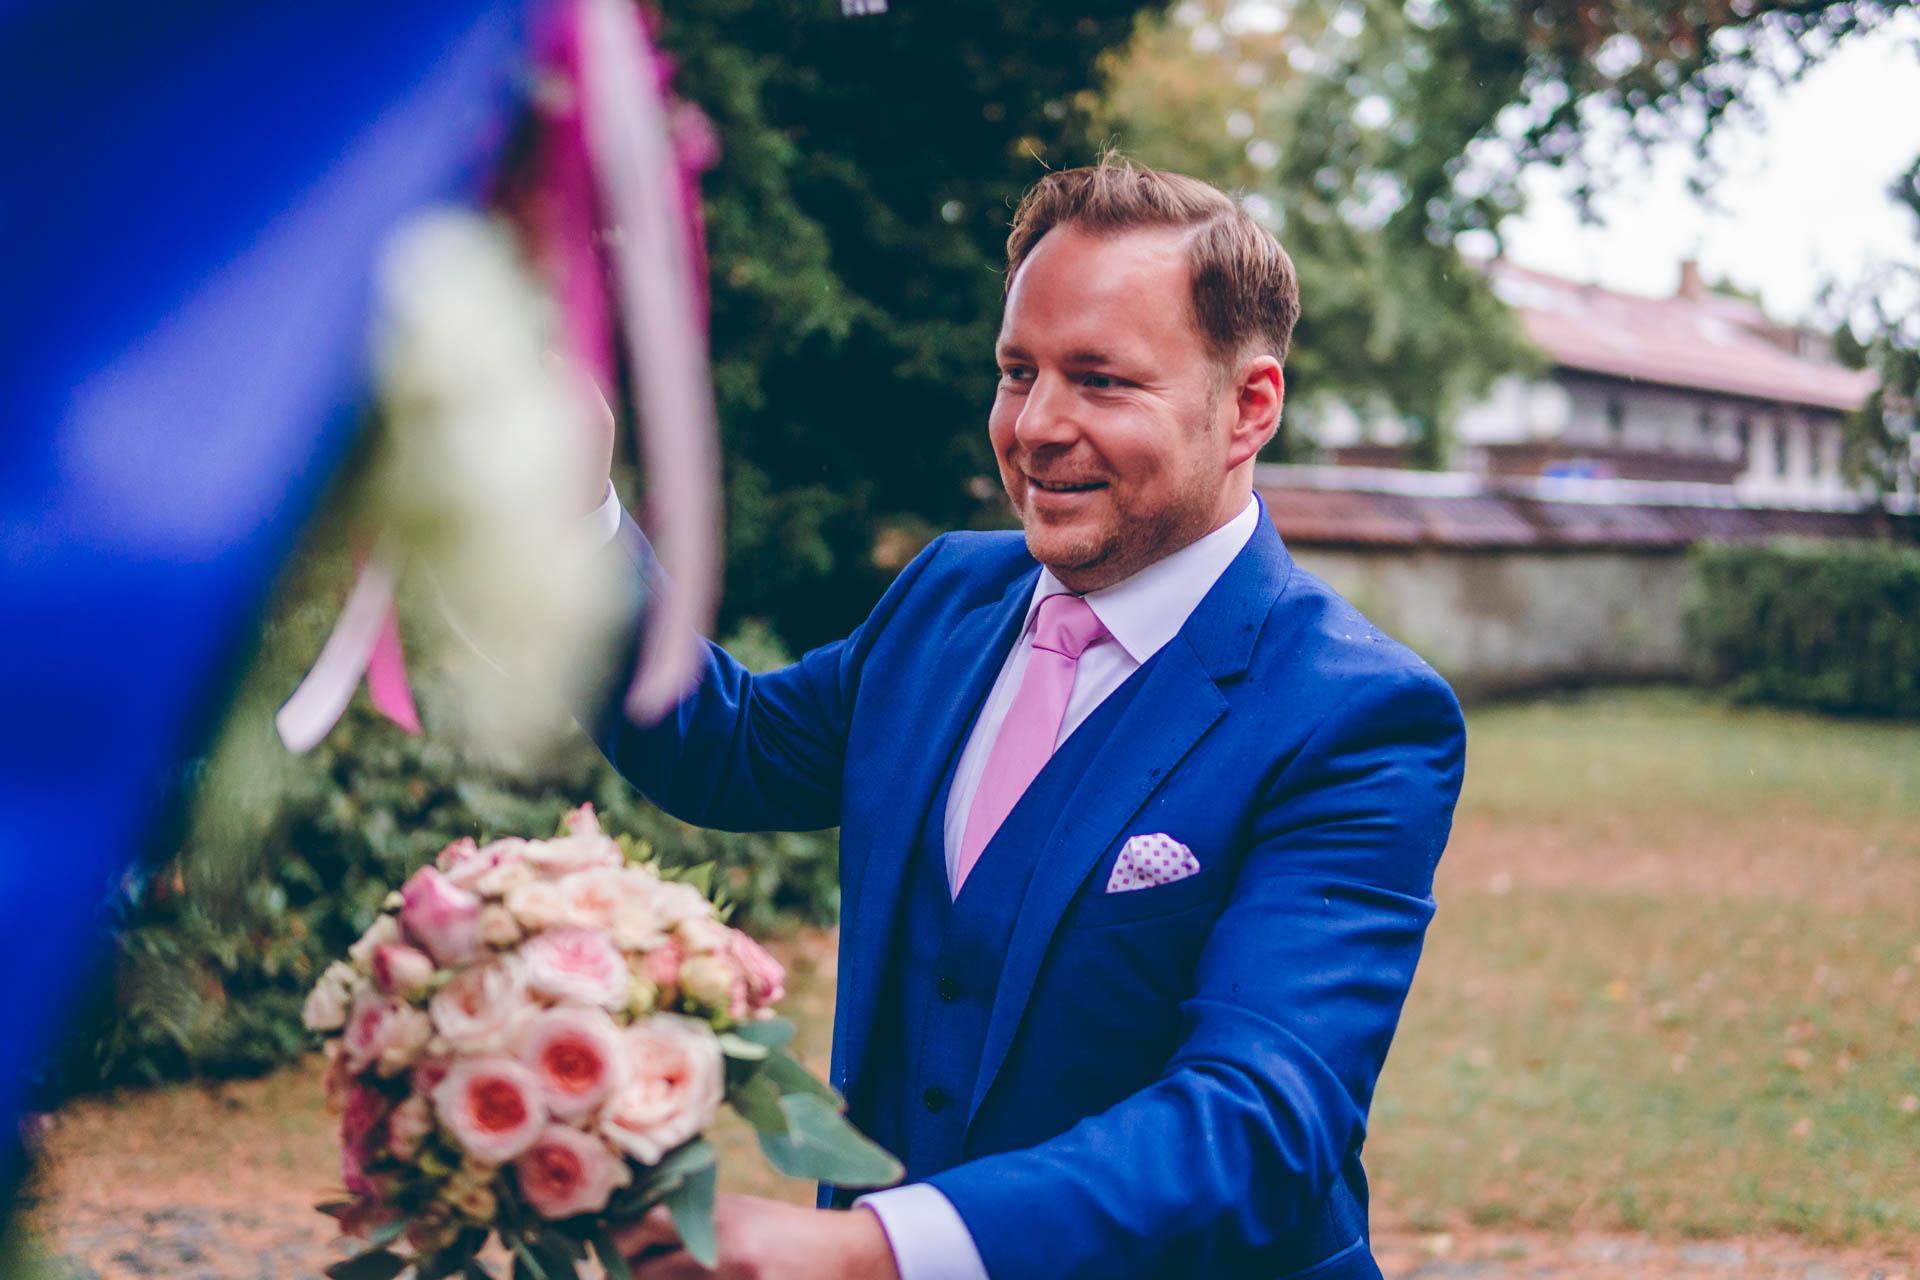 Bräutigam auf Hochzeit in München bei Regen auf Fahrt zur Alten Gärtnerei